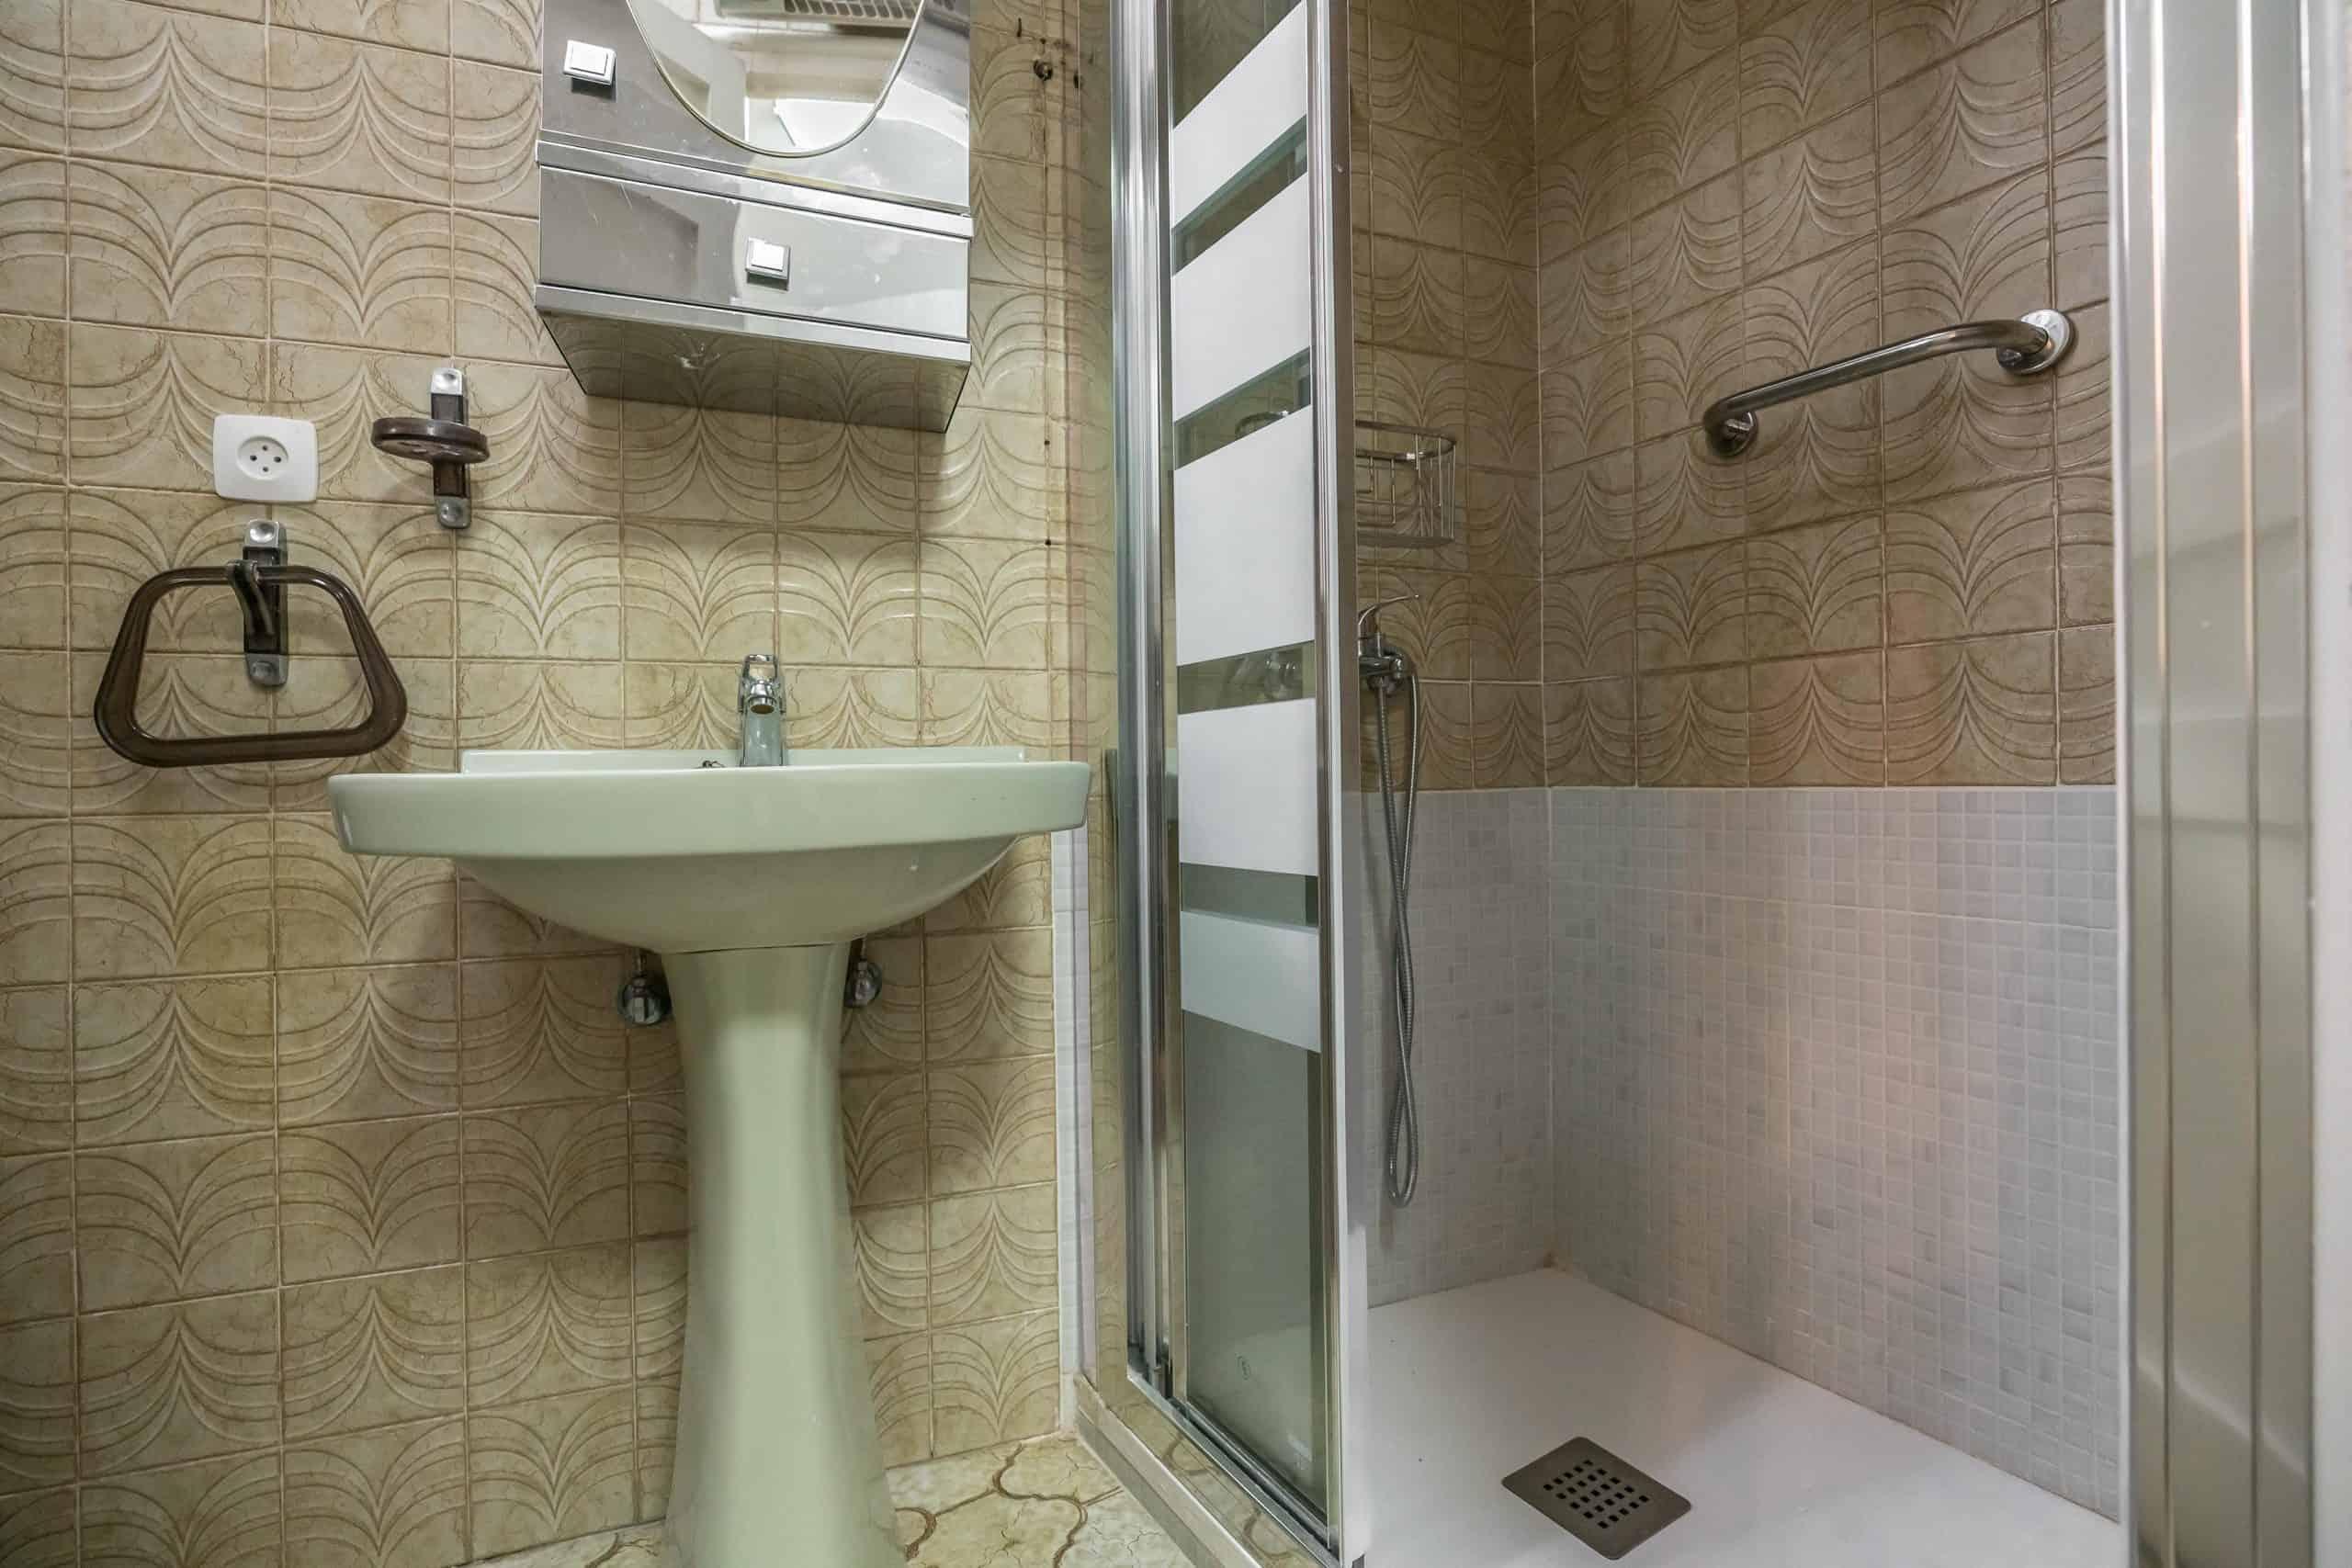 Agencia Inmobiliaria de Madrid-FUTUROCASA-Zona ARGANZUELA-EMBAJADORES-LEGAZPI -plaza General Vara del Rey- baño